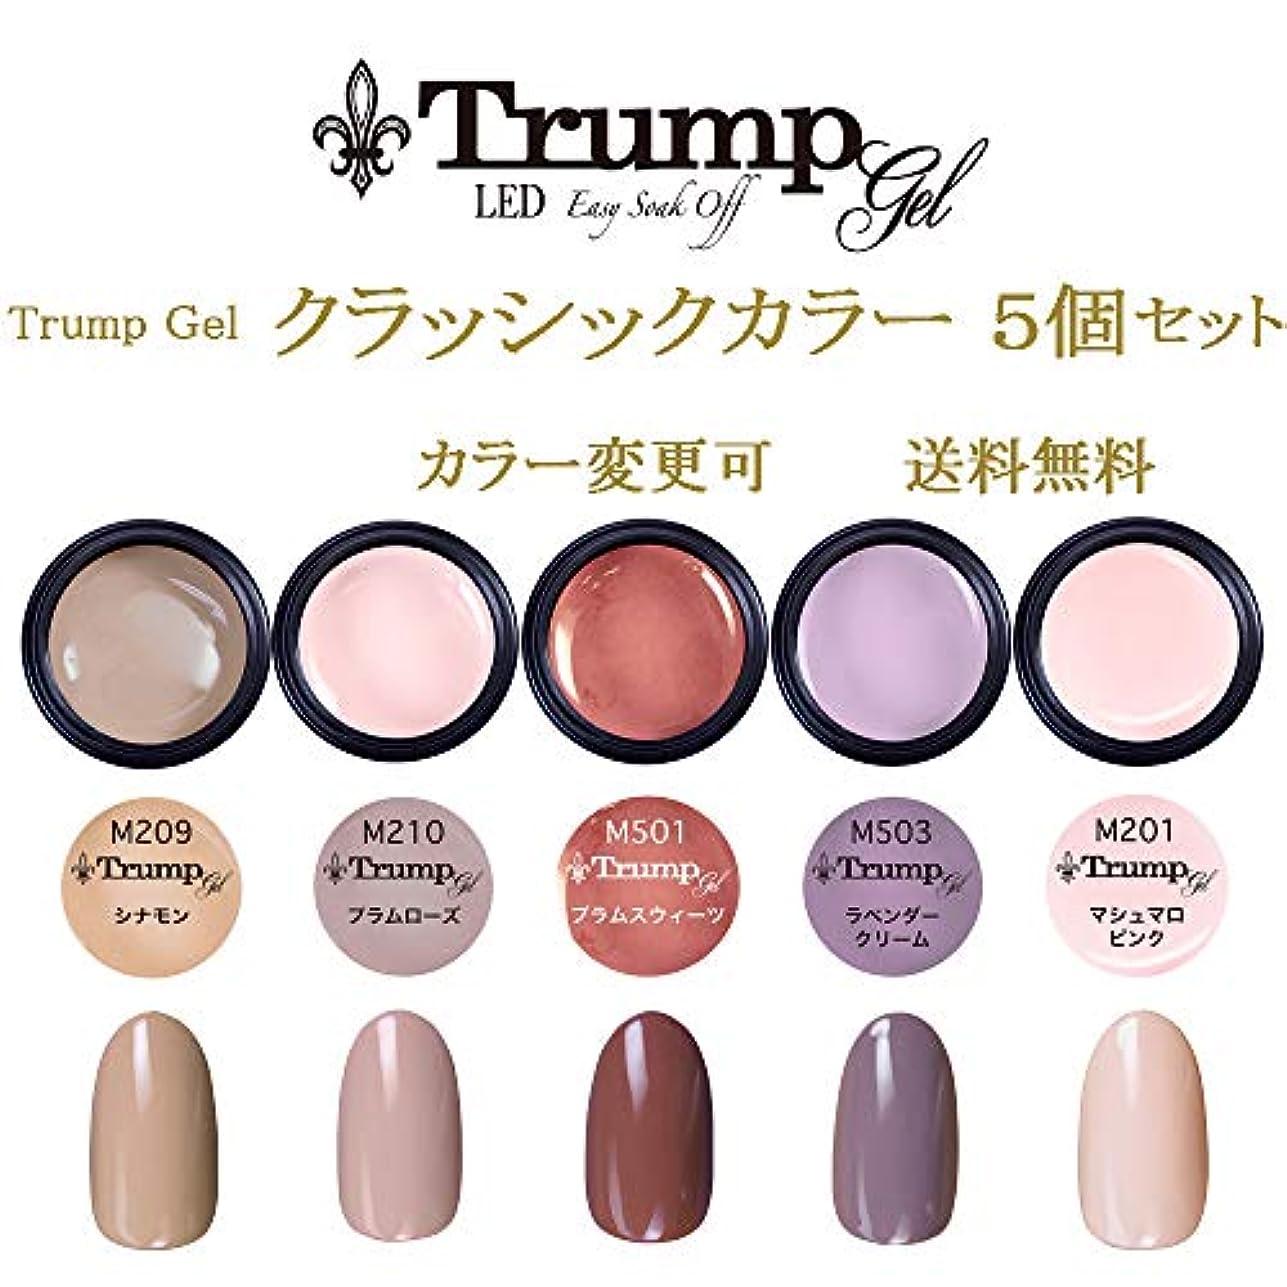 チャートテレックス不一致【送料無料】日本製 Trump gel トランプジェル クラッシックカラー 選べる カラージェル 5個セット クラッシック ベージュ ブラウン ホワイト ラメ カラー